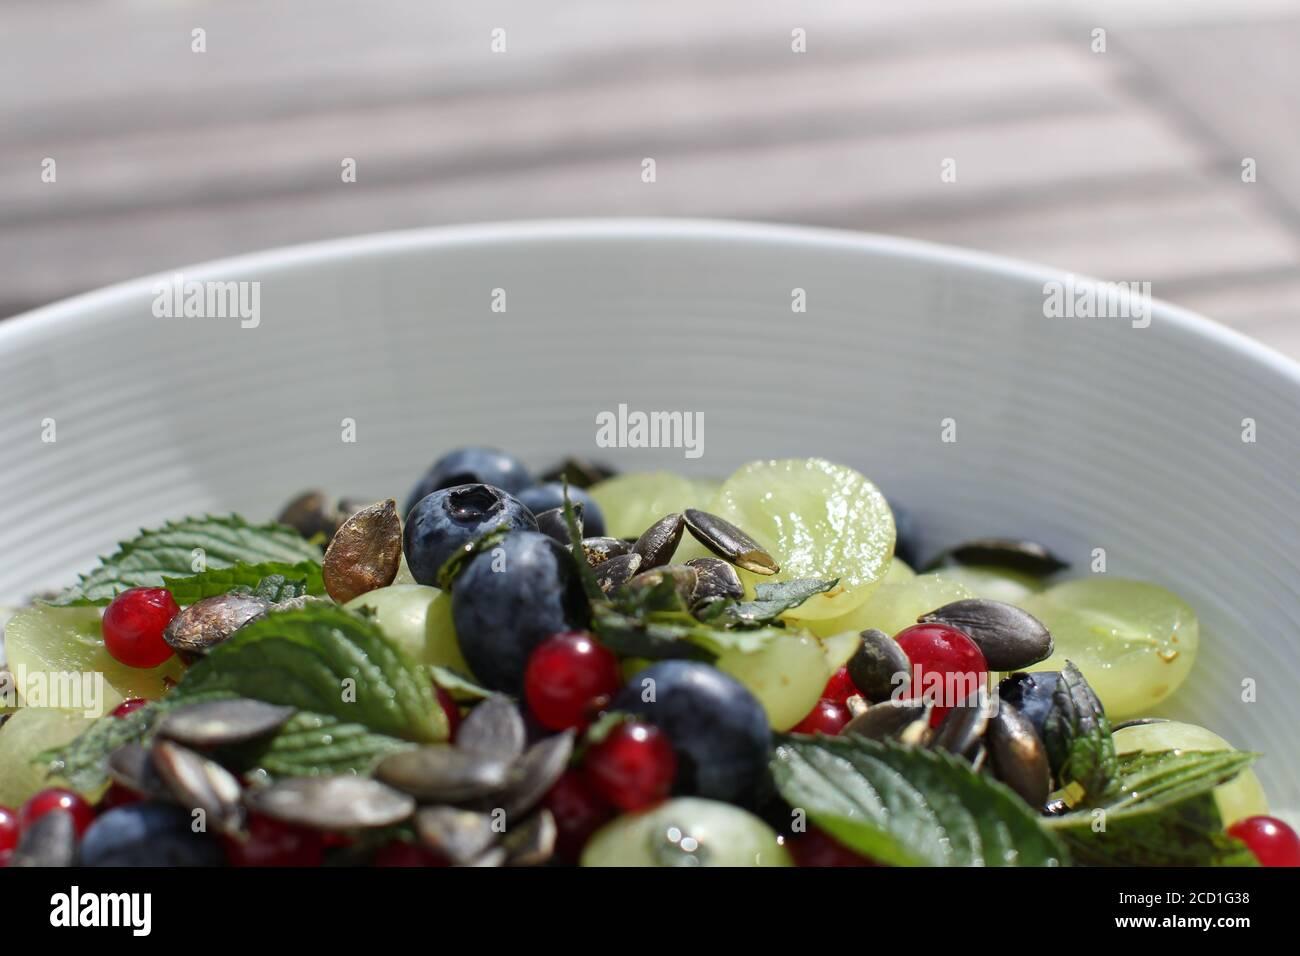 ensalada de frutas de colores con semillas de calabaza en la parte superior Foto de stock